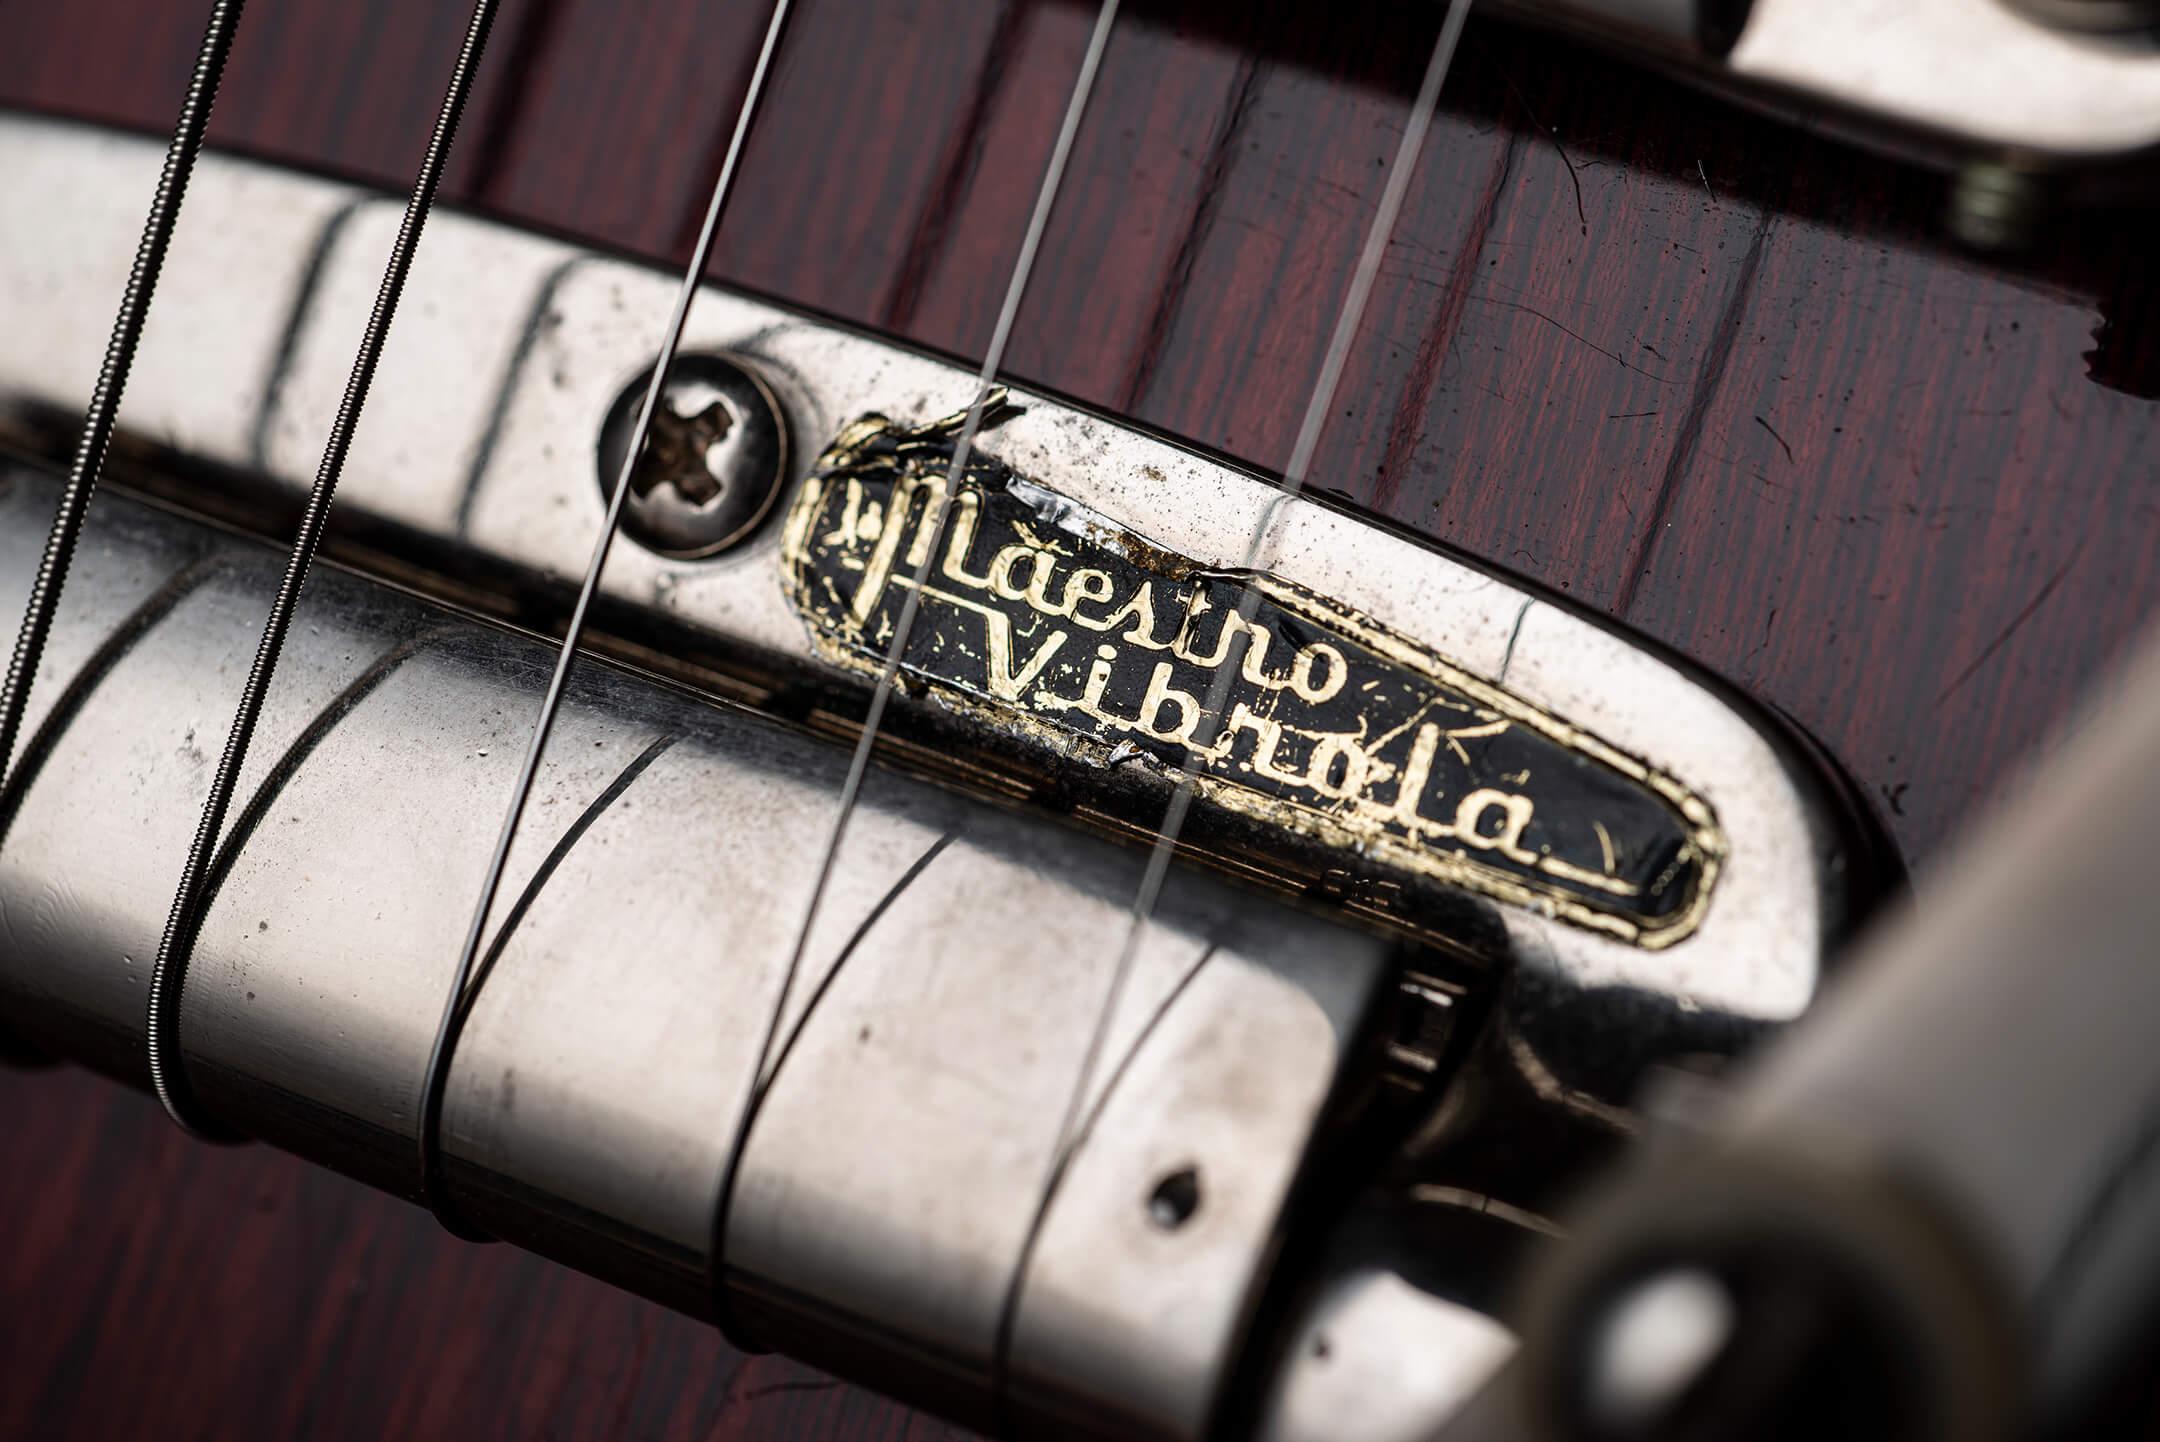 1963 Gibson SG Special Bridge